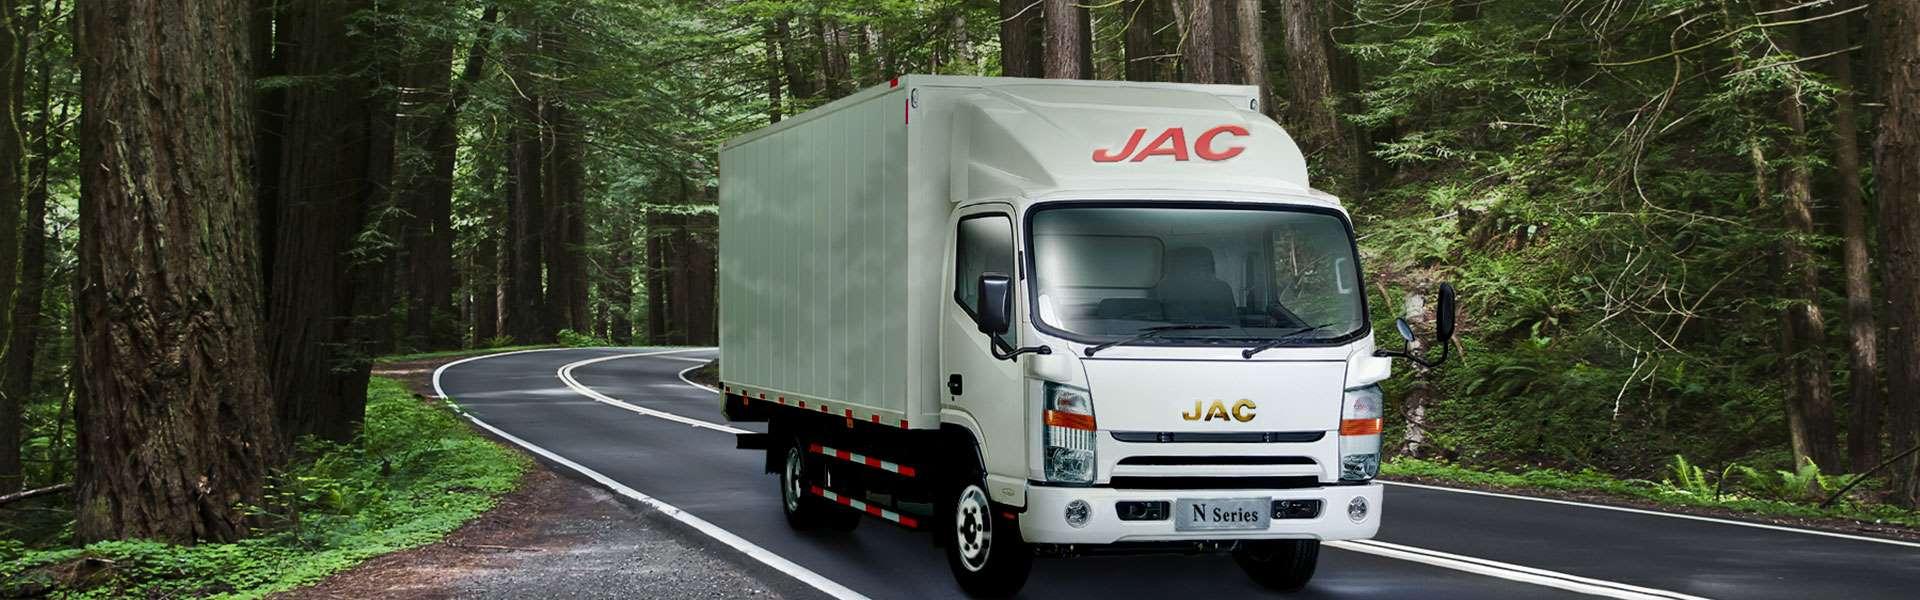 JAC N-series